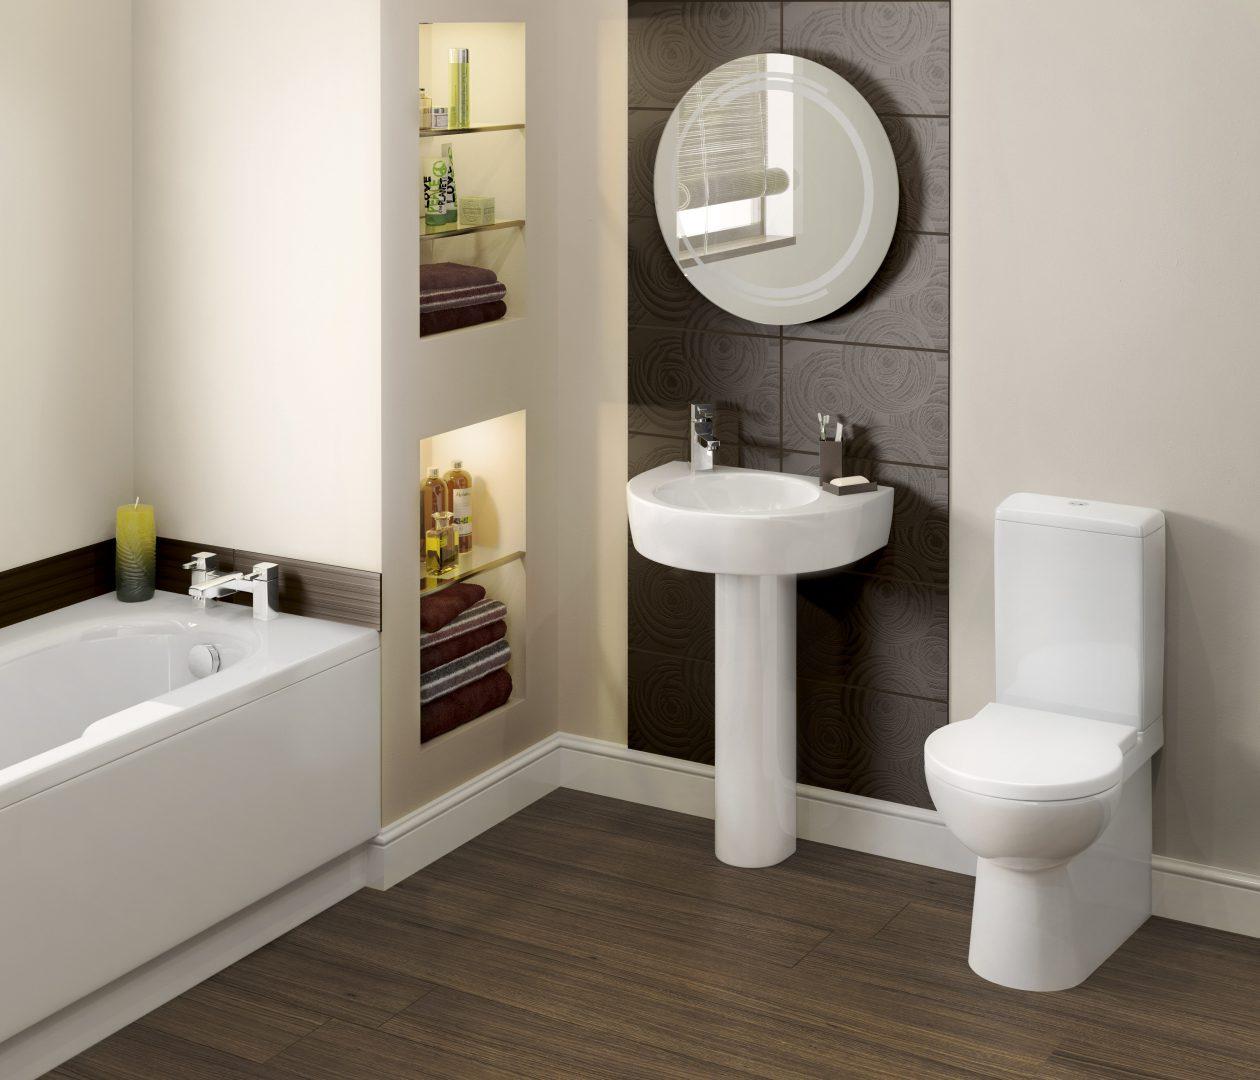 Reformas de cuartos de baño - Bañera por ducha San Sebastián - 616 ...